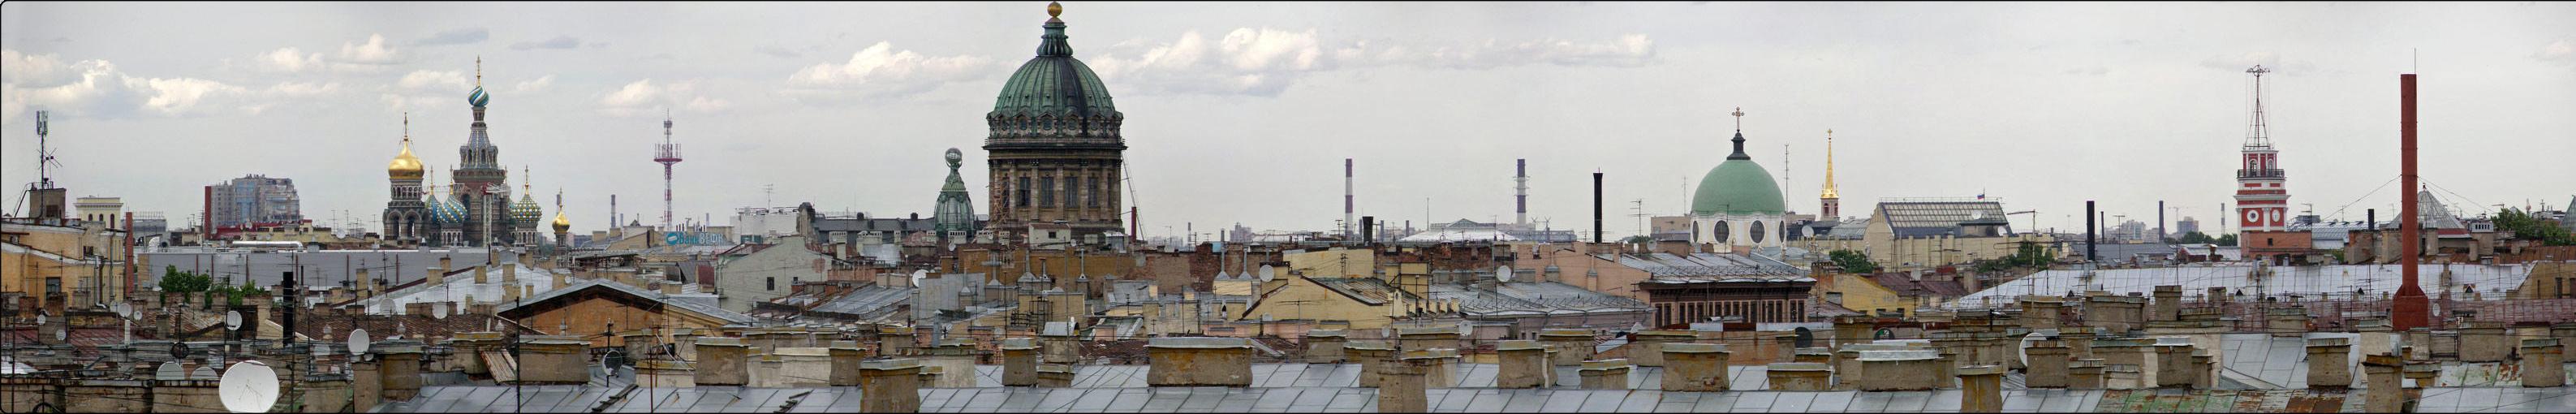 Составить смету на ремонт крыши